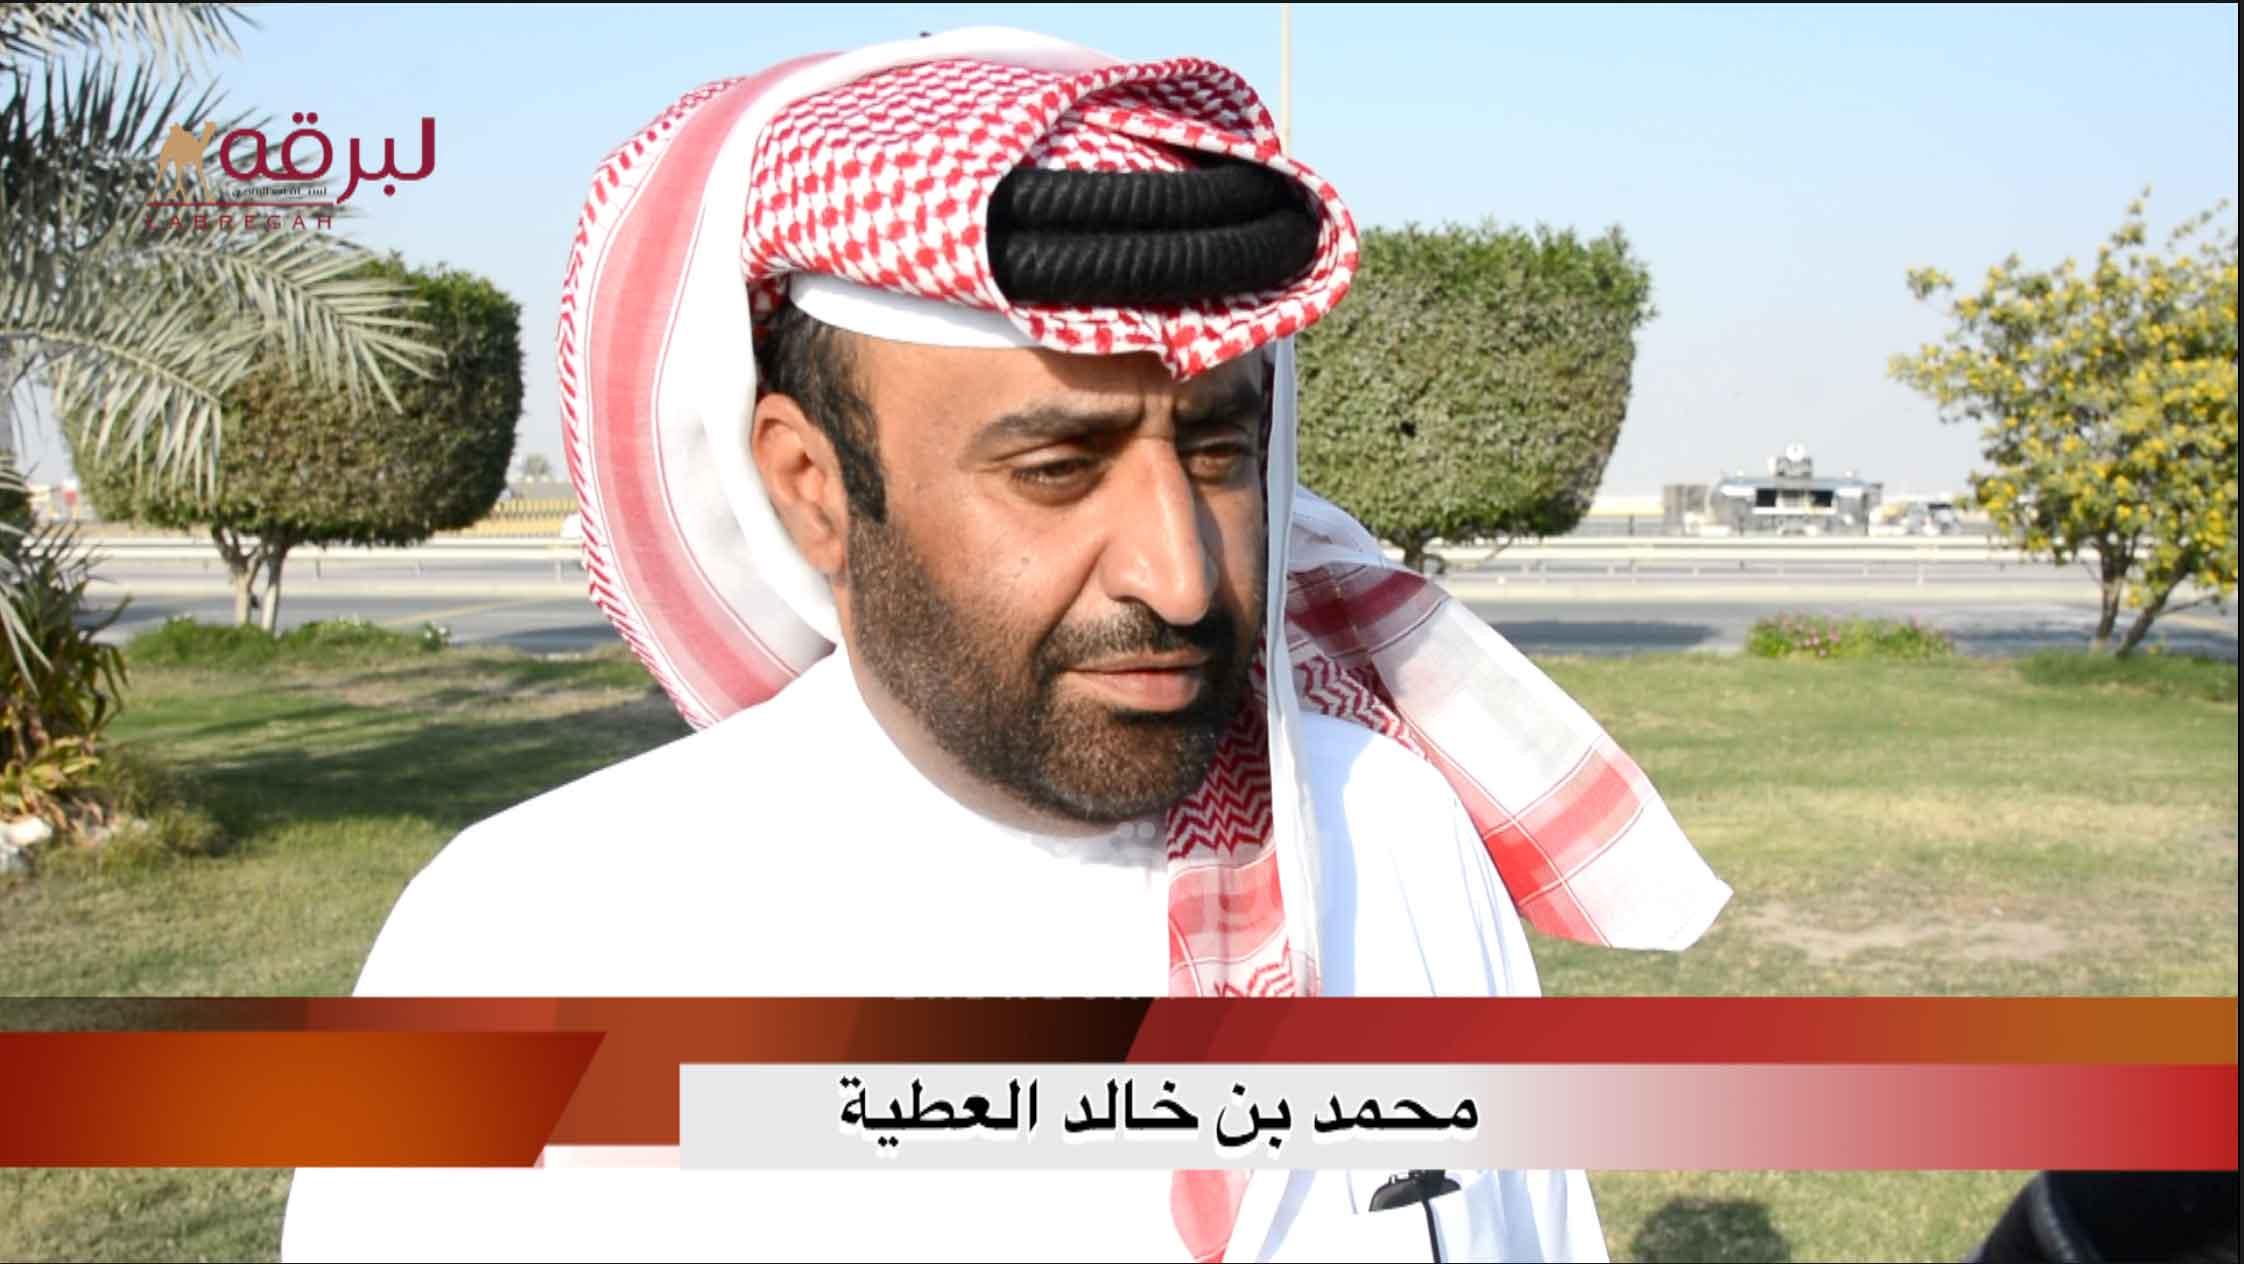 لقاء مع محمد بن خالد العطية.. الشلفة الذهبية حقايق بكار « عمانيات » الأشواط المفتوحة  ١٨-١-٢٠٢١